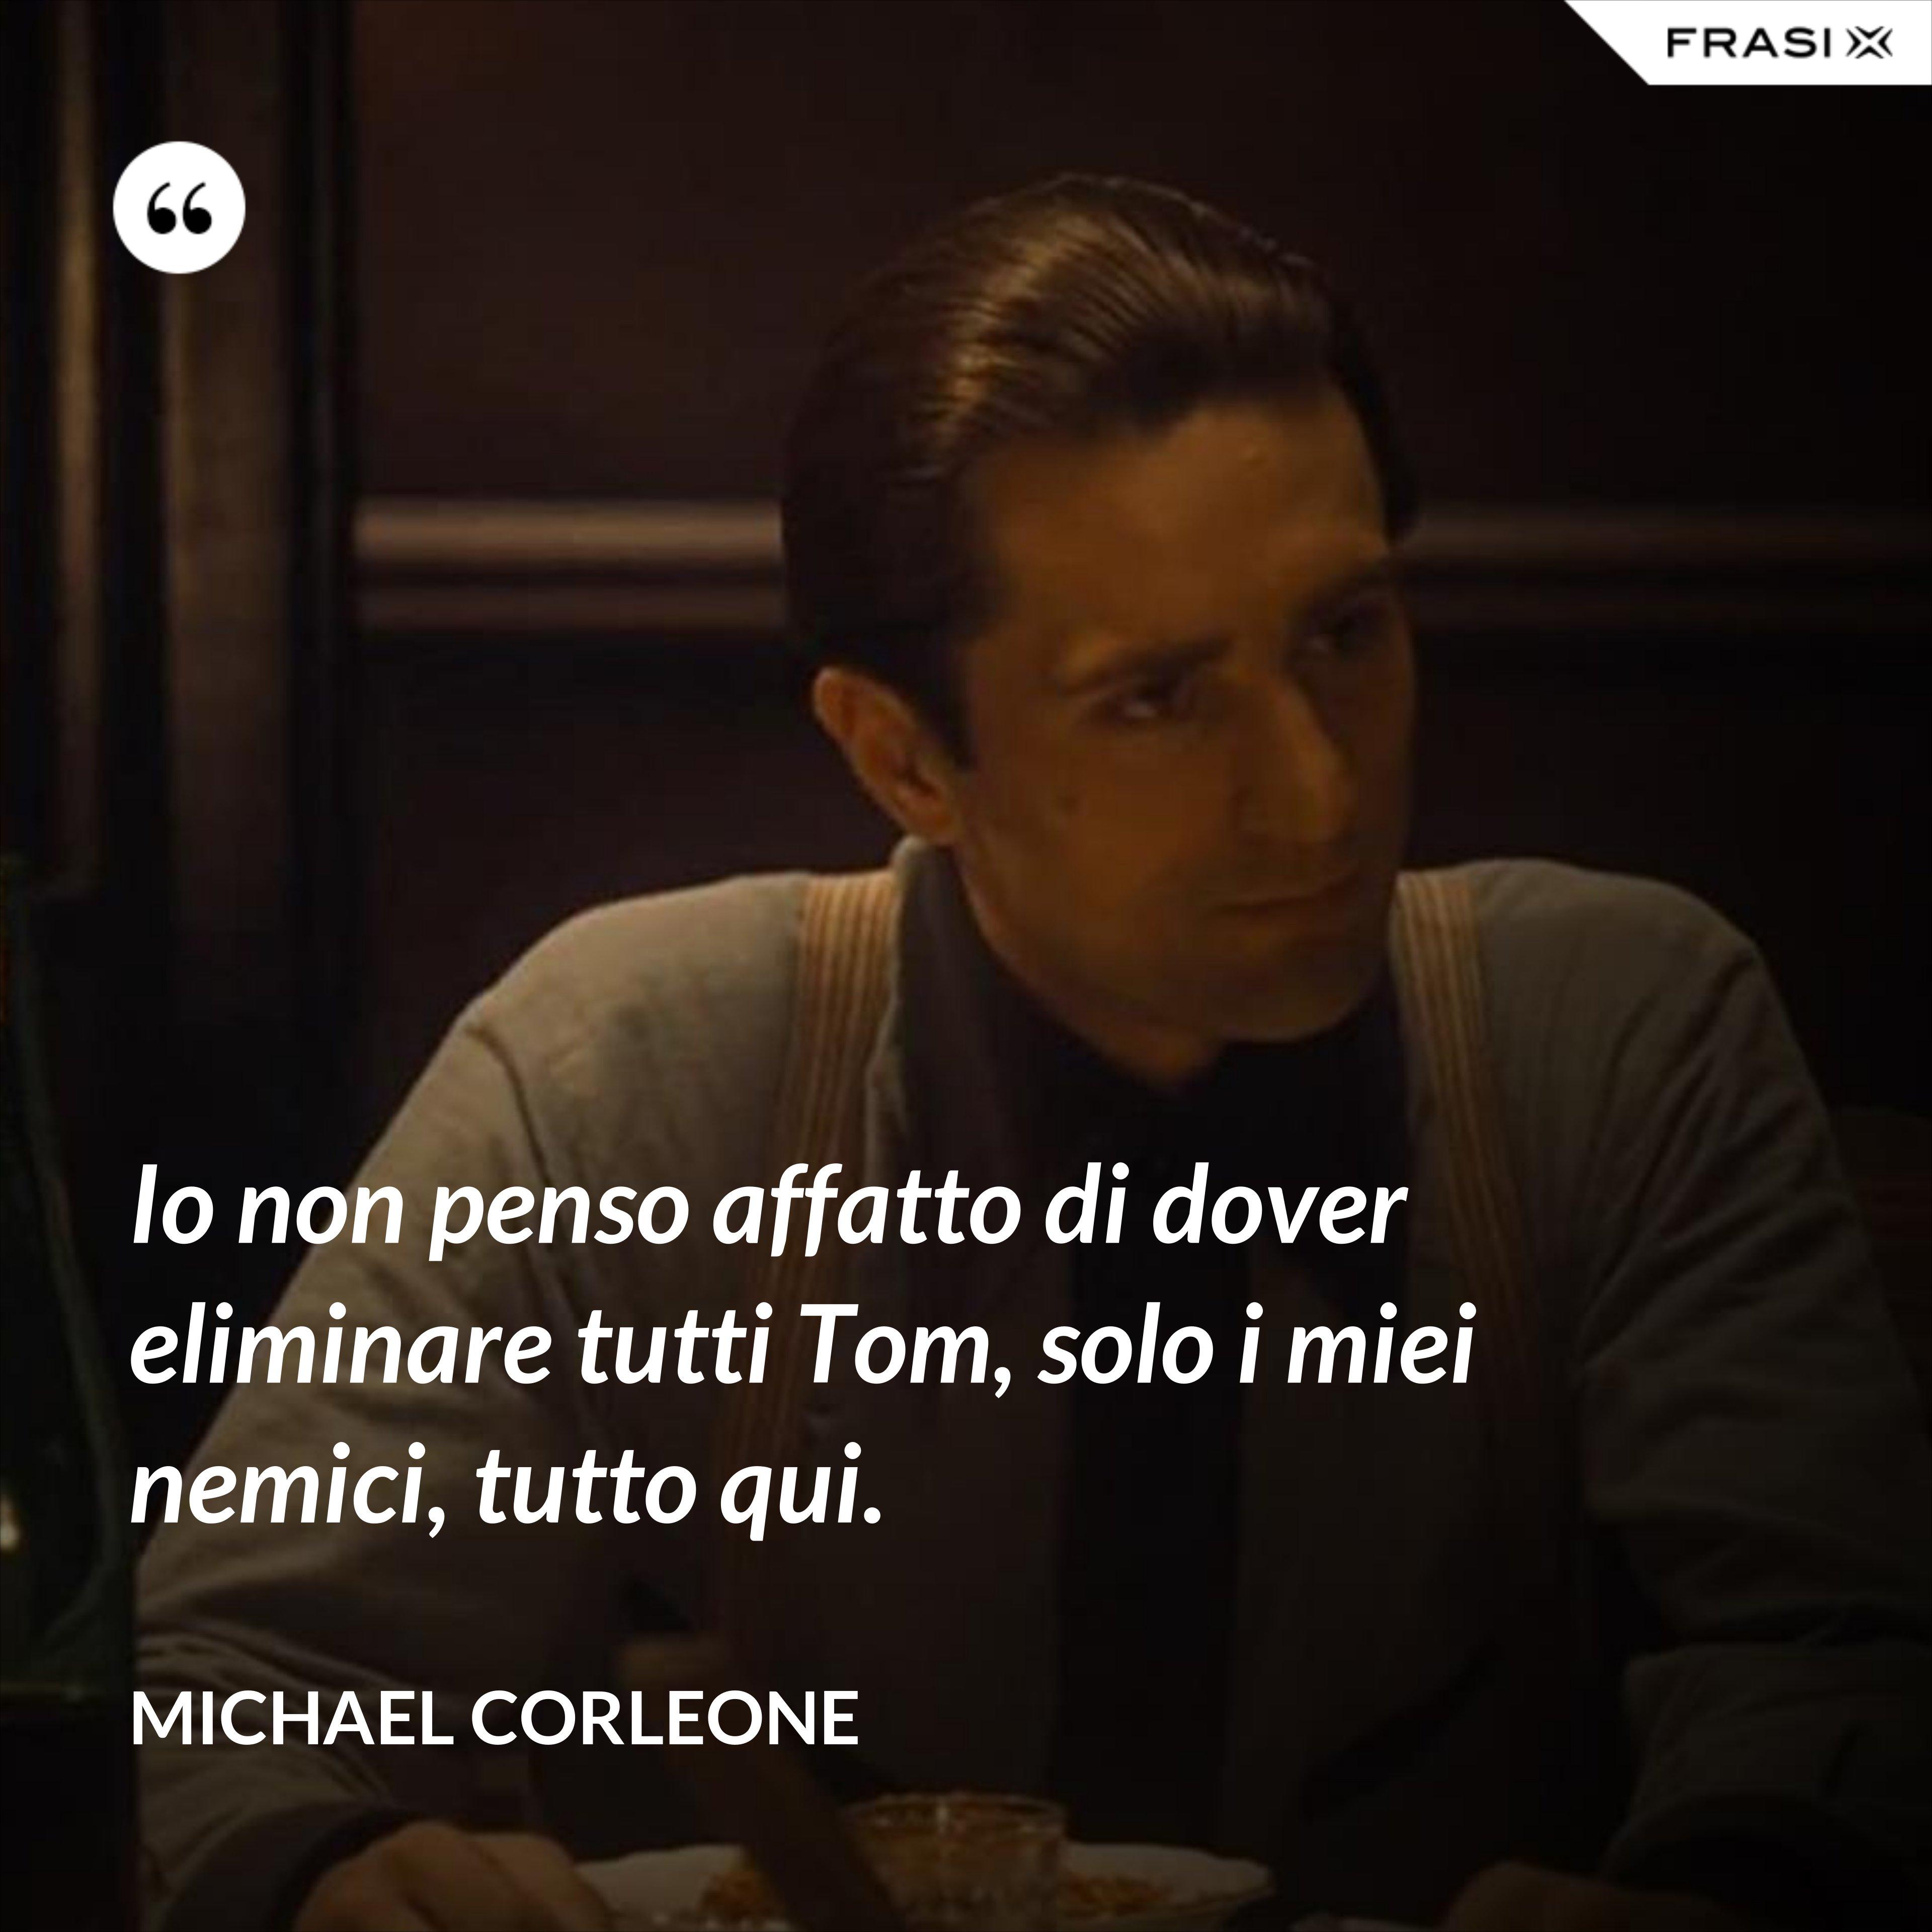 Io non penso affatto di dover eliminare tutti Tom, solo i miei nemici, tutto qui. - Michael Corleone